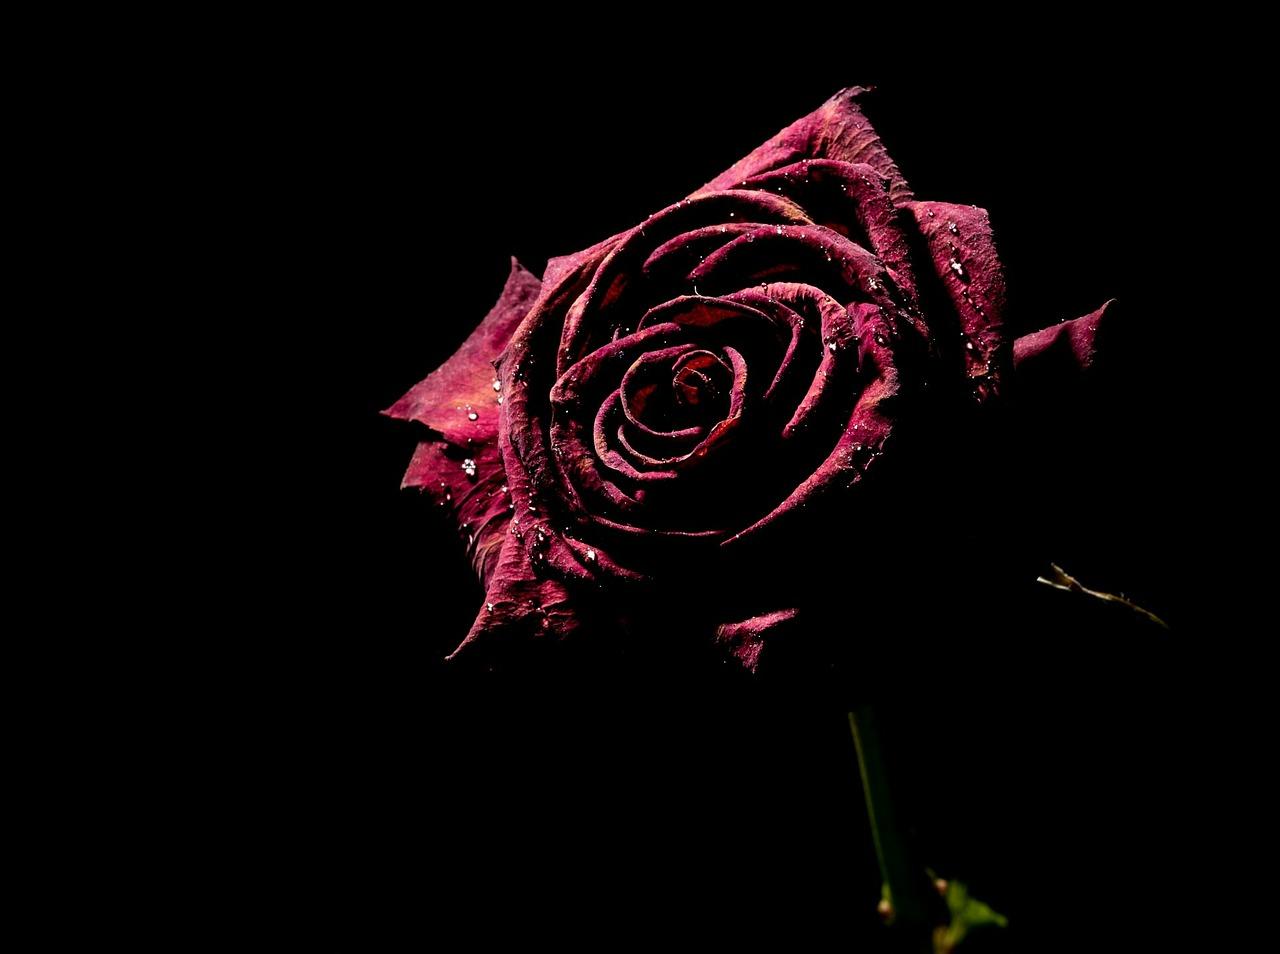 Dunkelrote Rose vor schwarzem Hintergrund